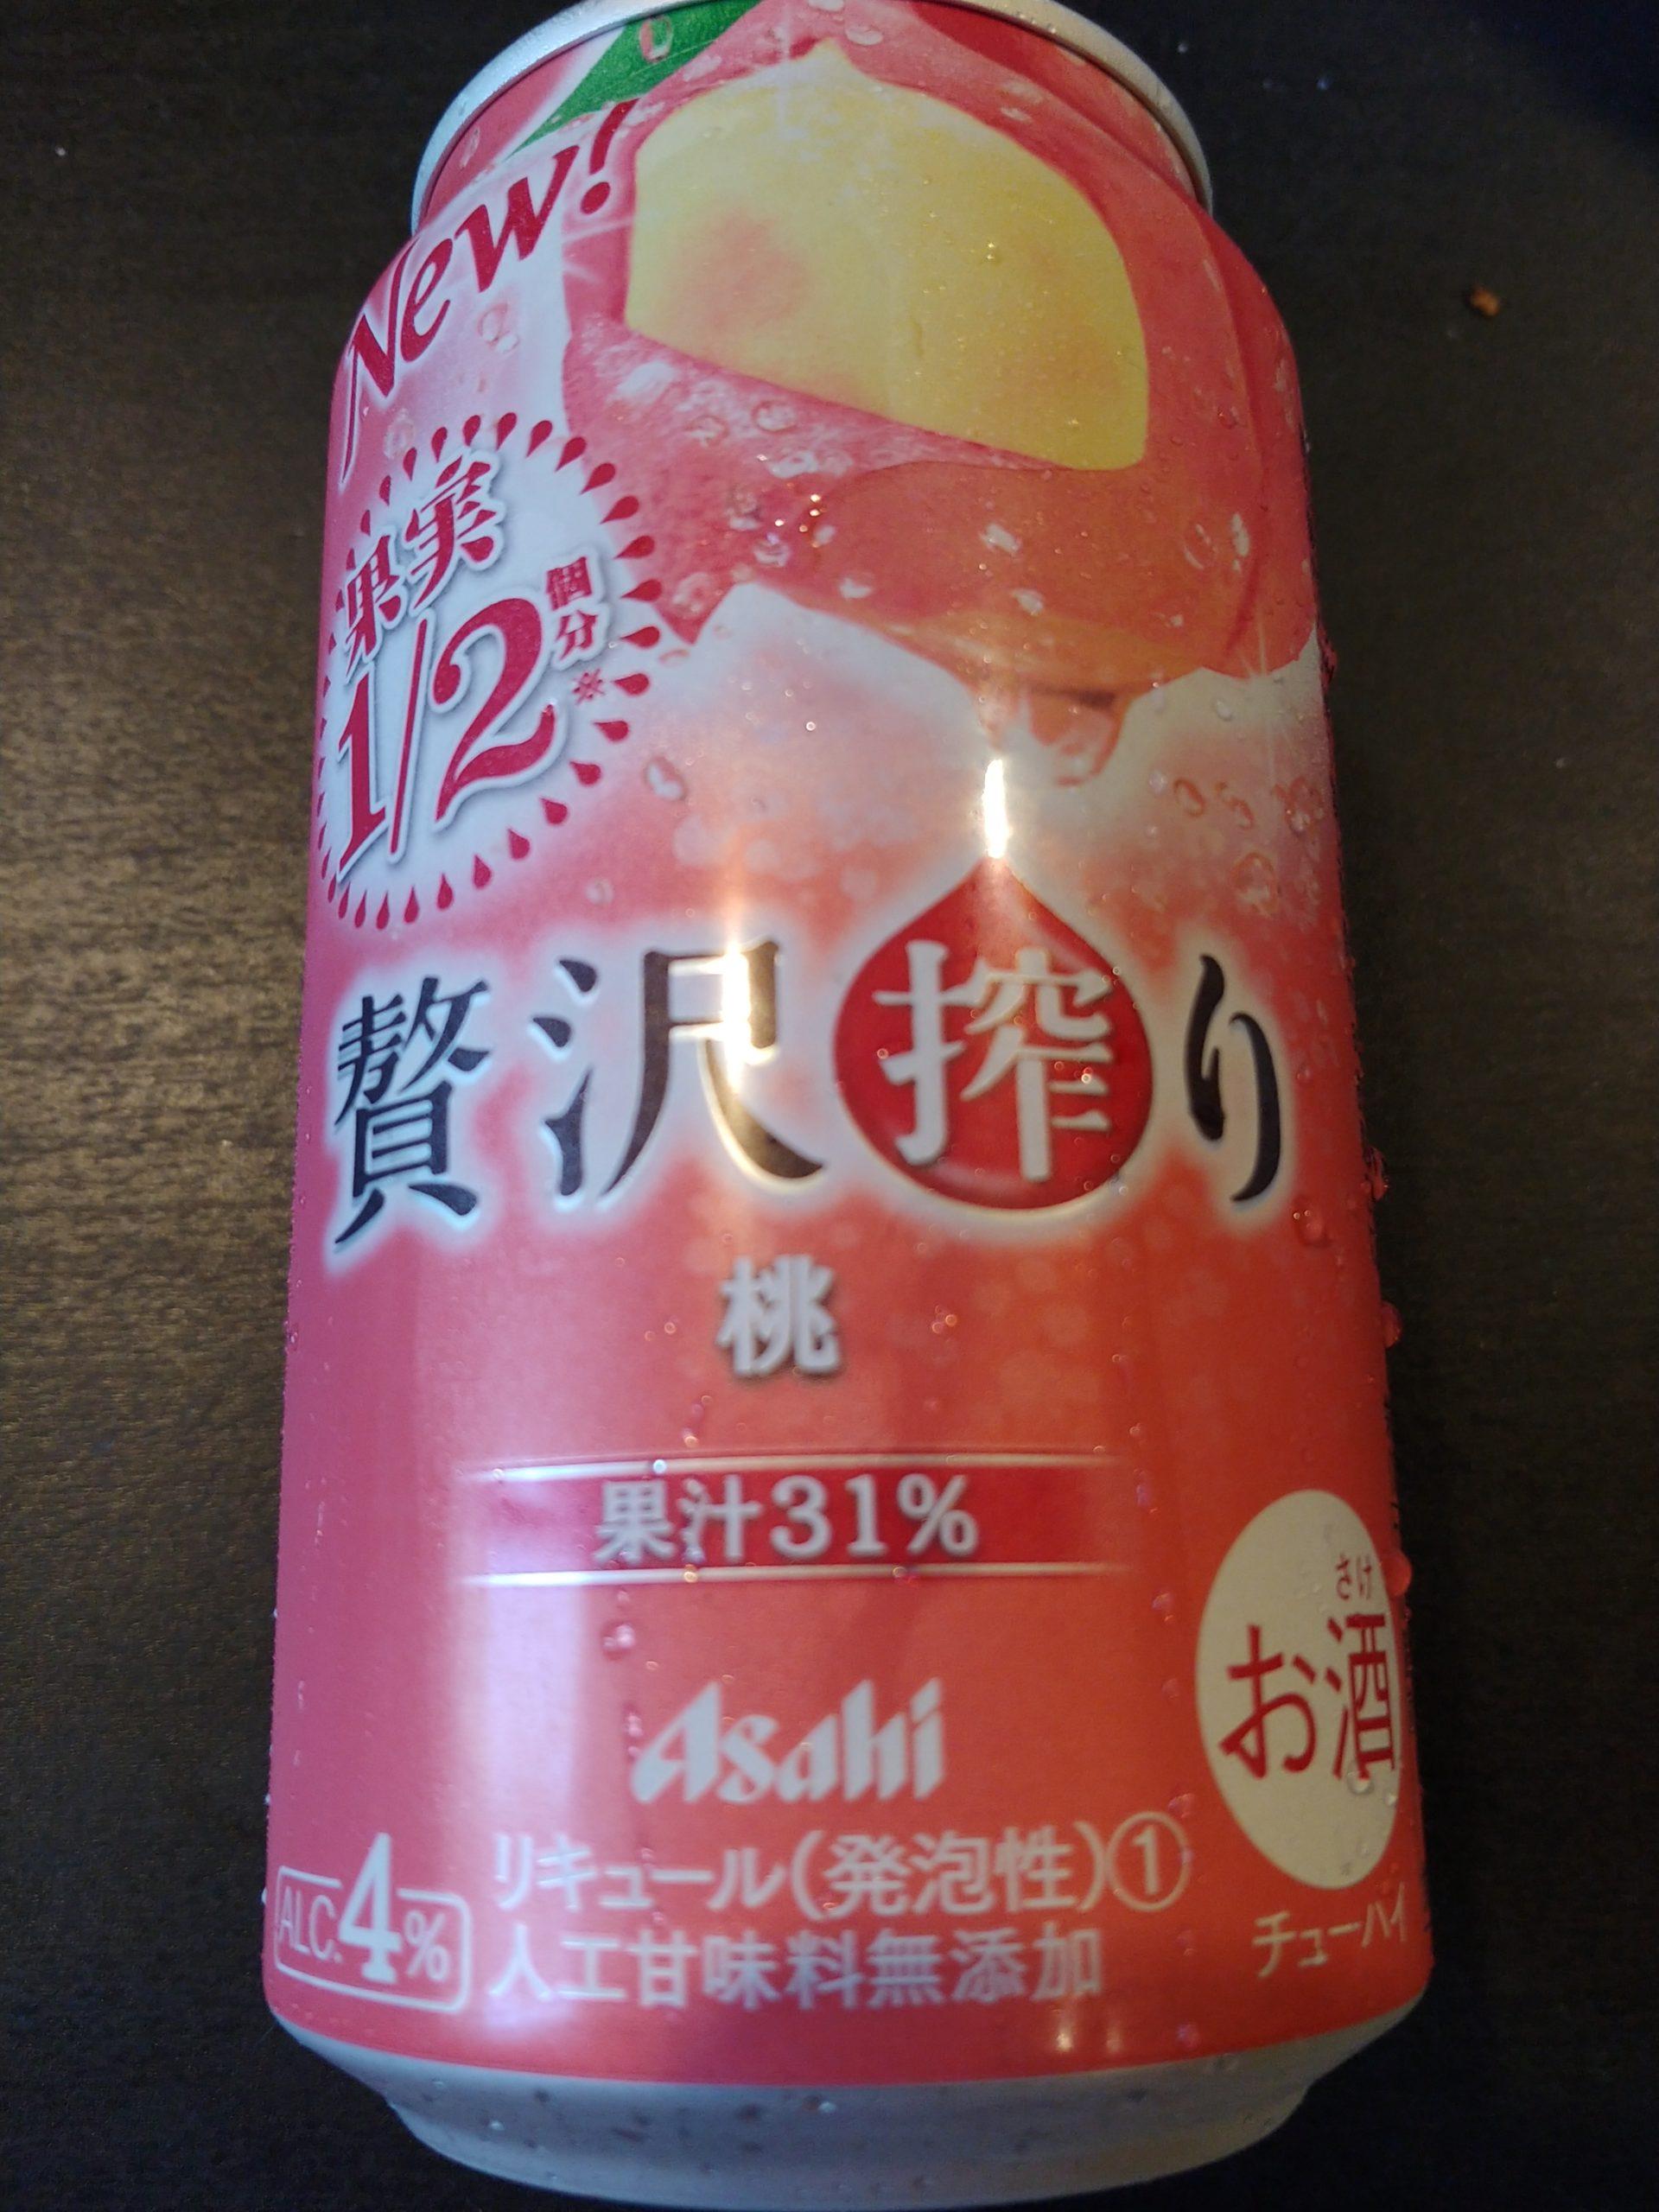 アサヒ贅沢搾り桃